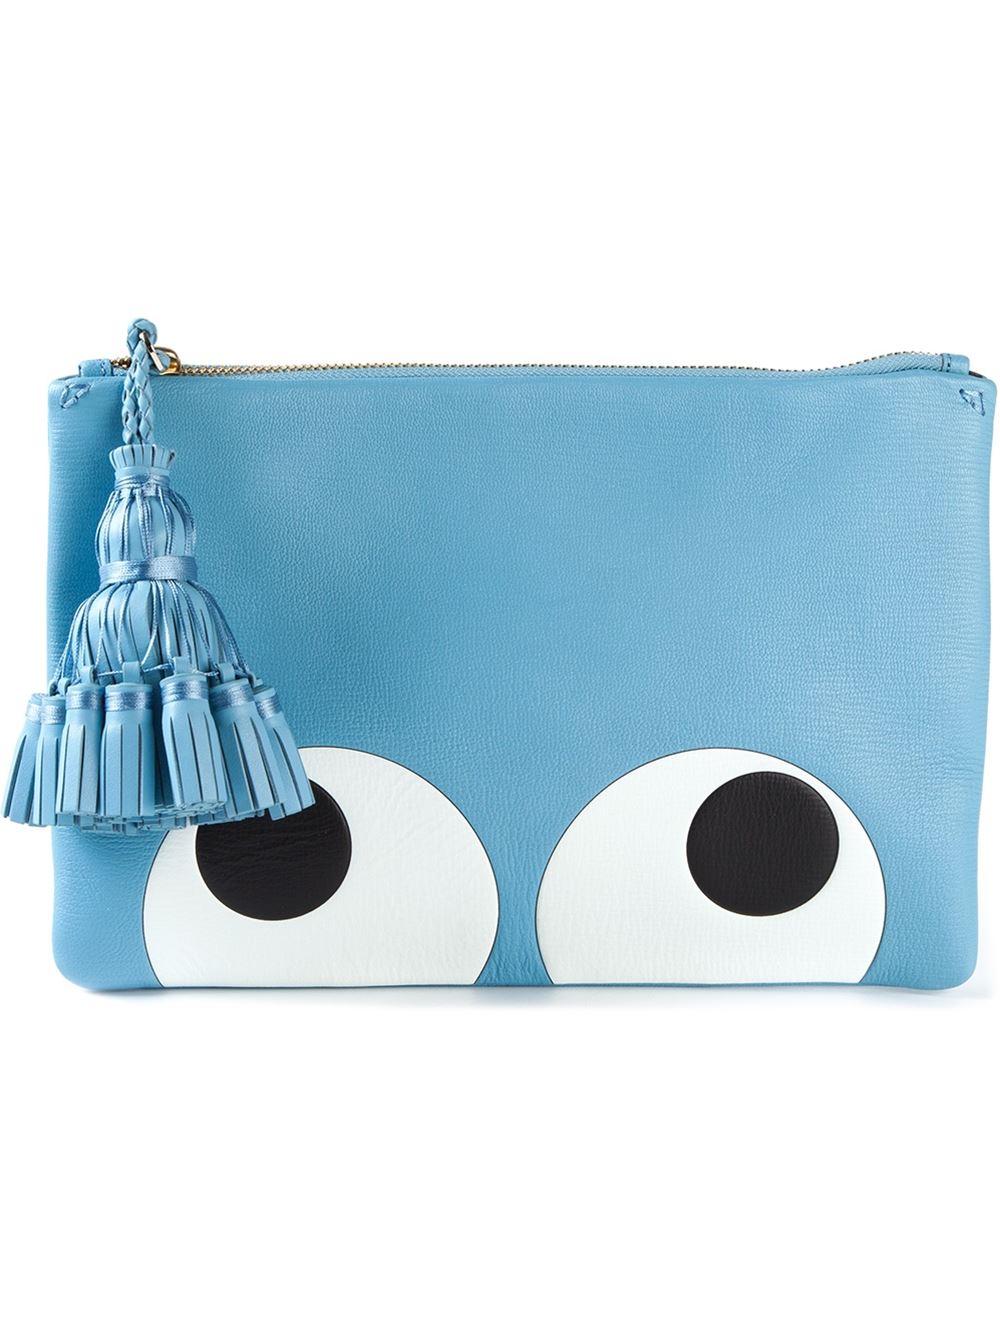 Anya Hindmarch Georgiana Clutch Bag in Blue - Lyst 1261e5b91828